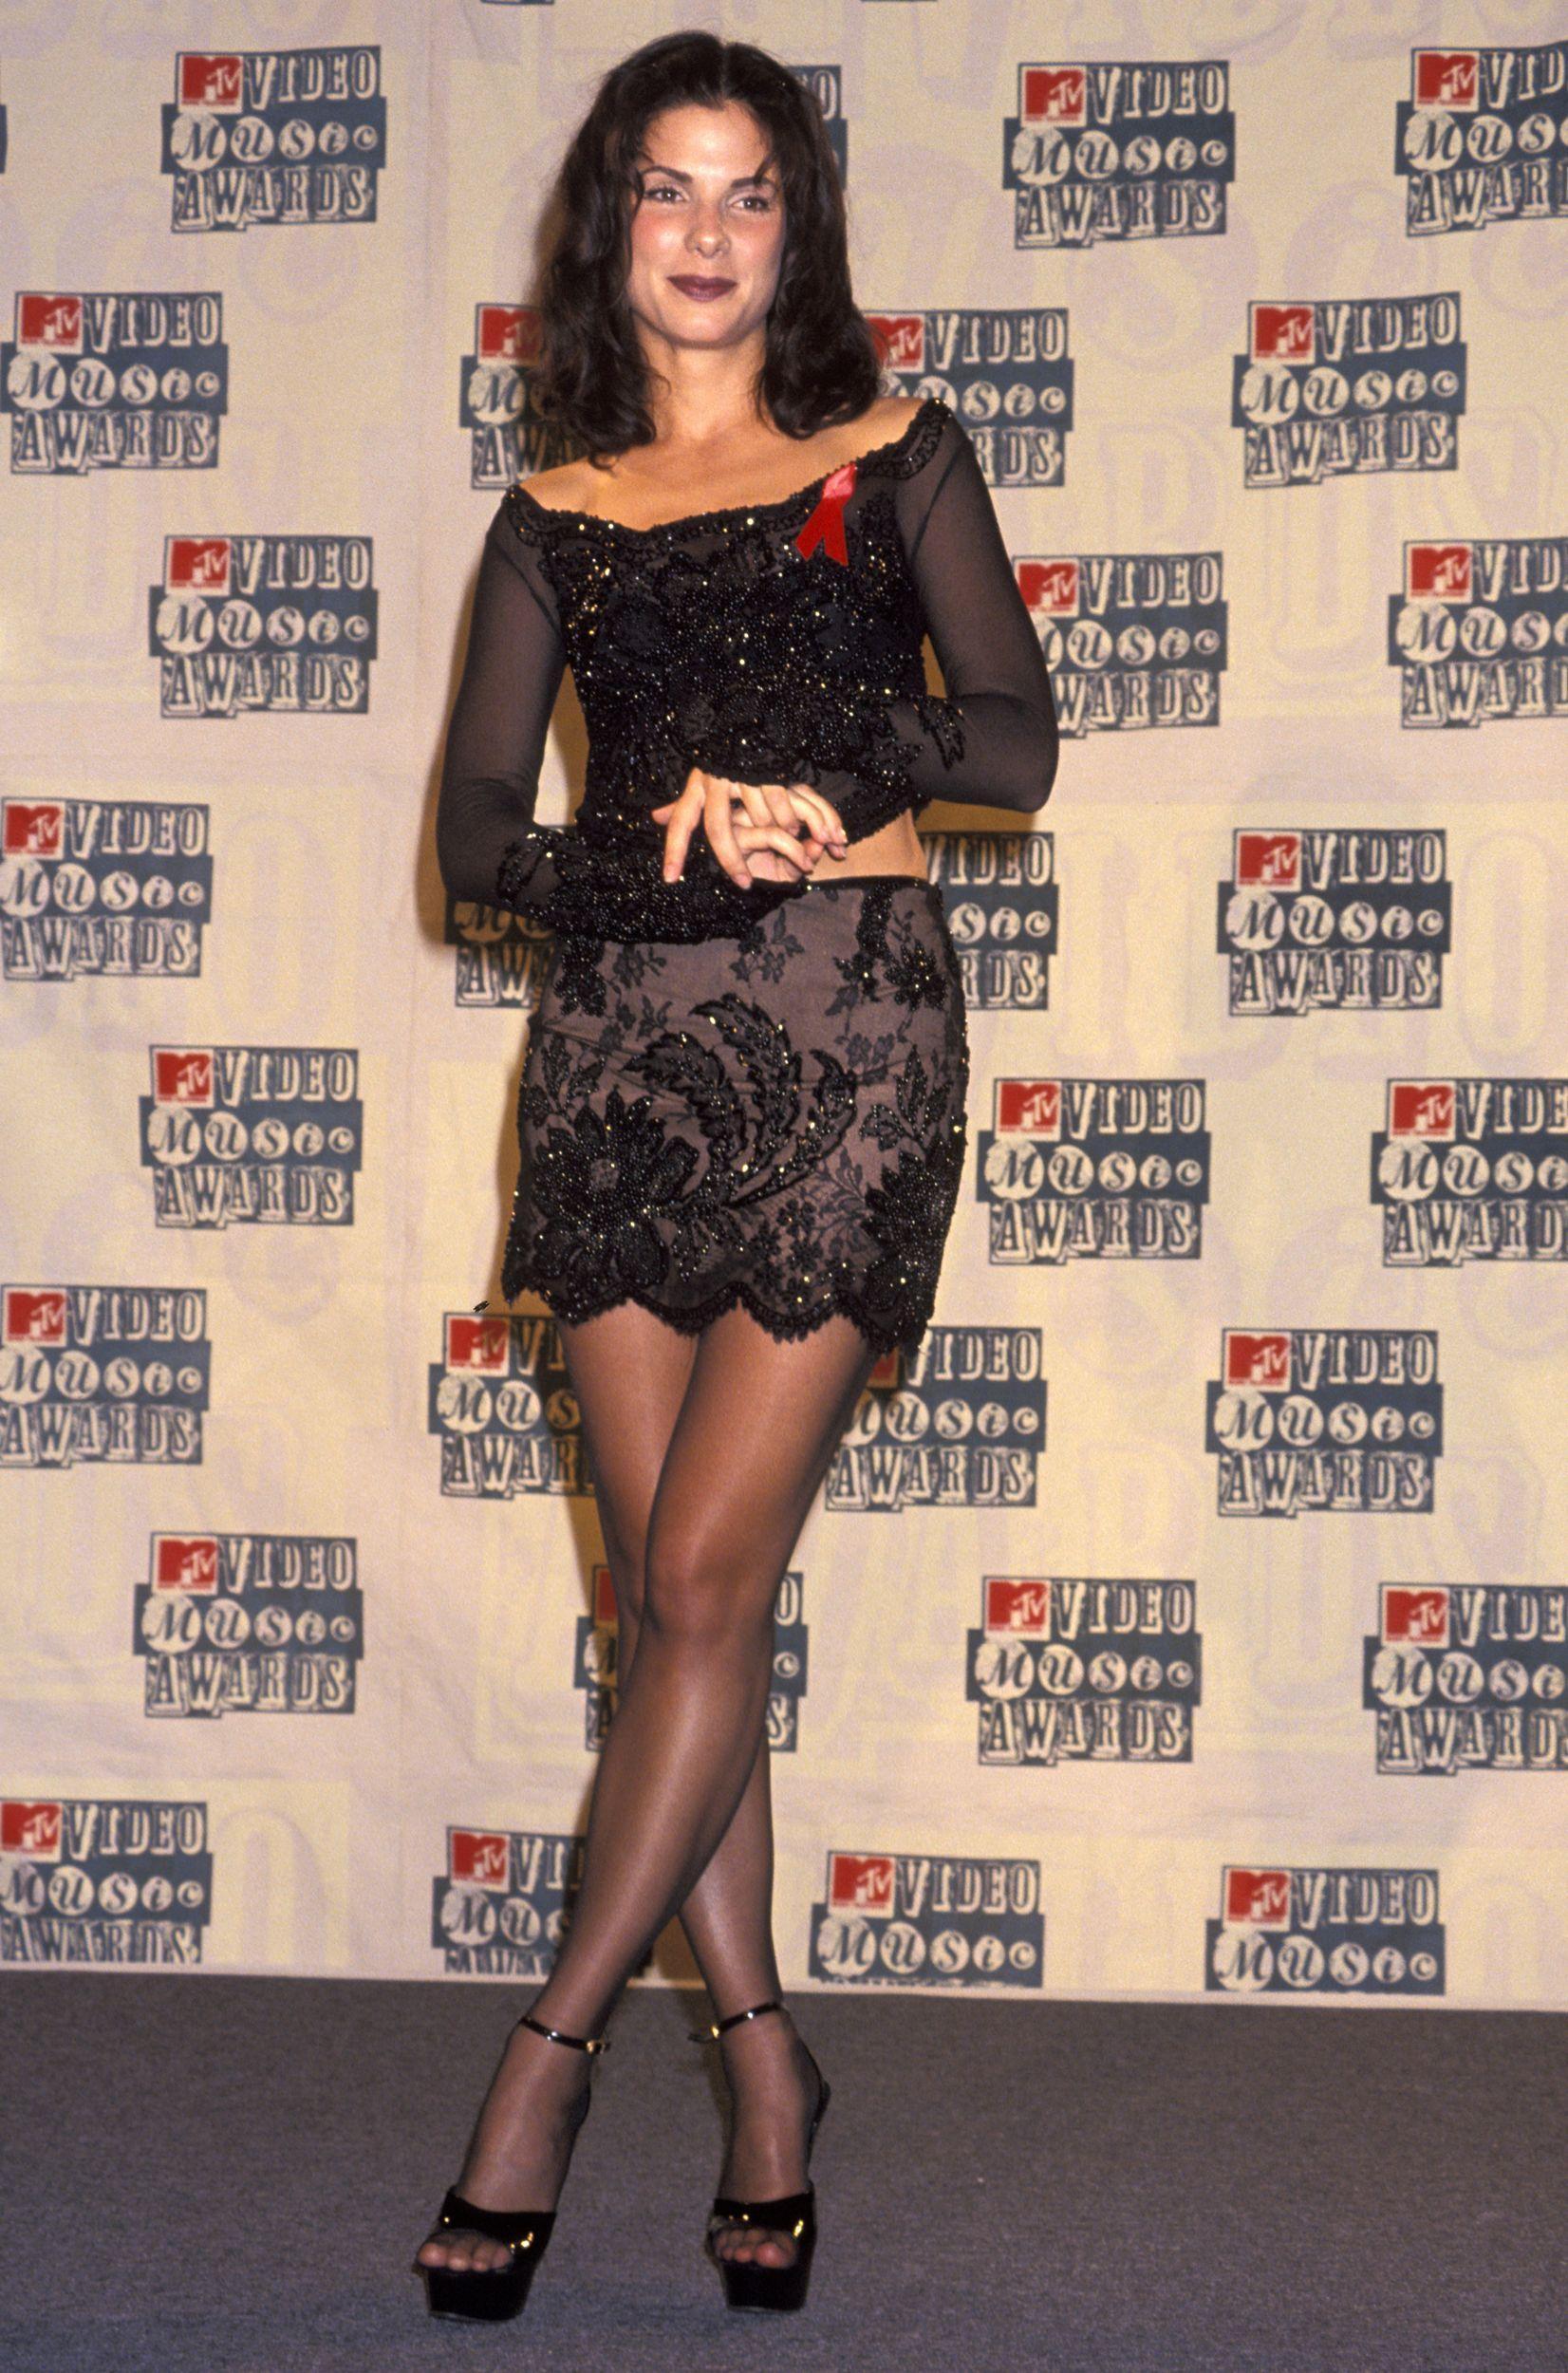 Sandra Bullock Legs Feet